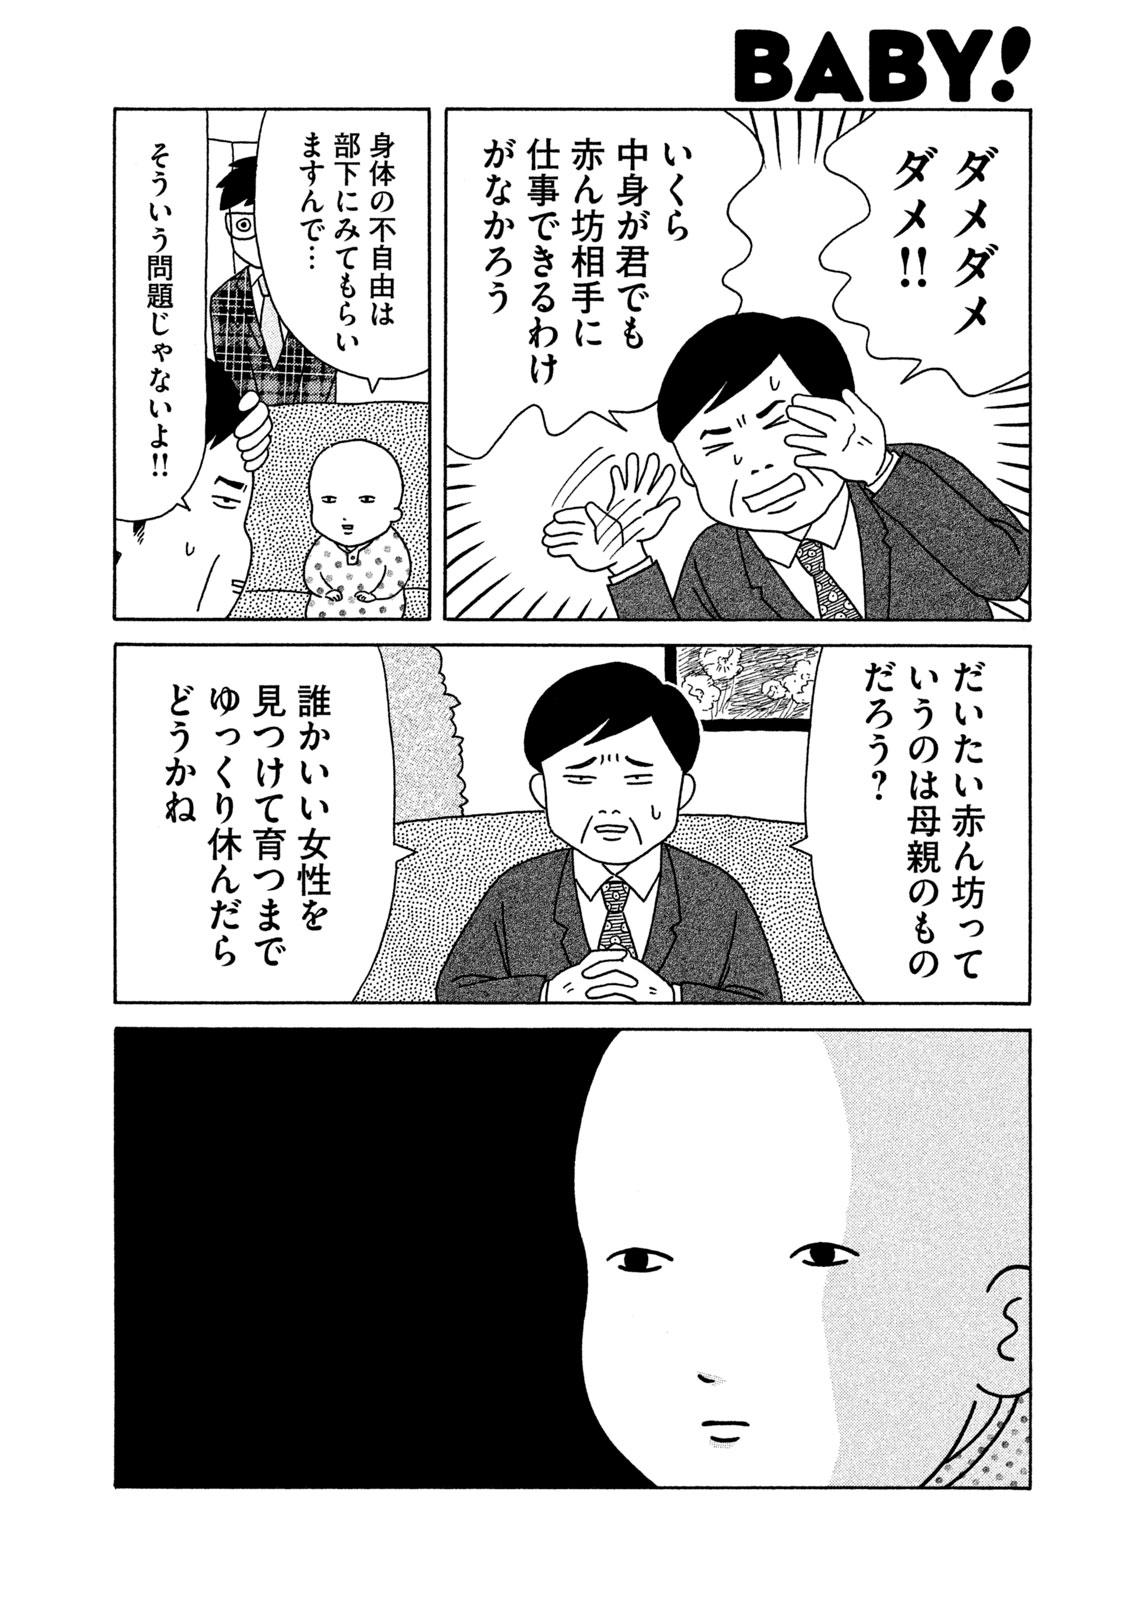 赤ちゃん本部長誕生!『赤ちゃん本部長 第1話』